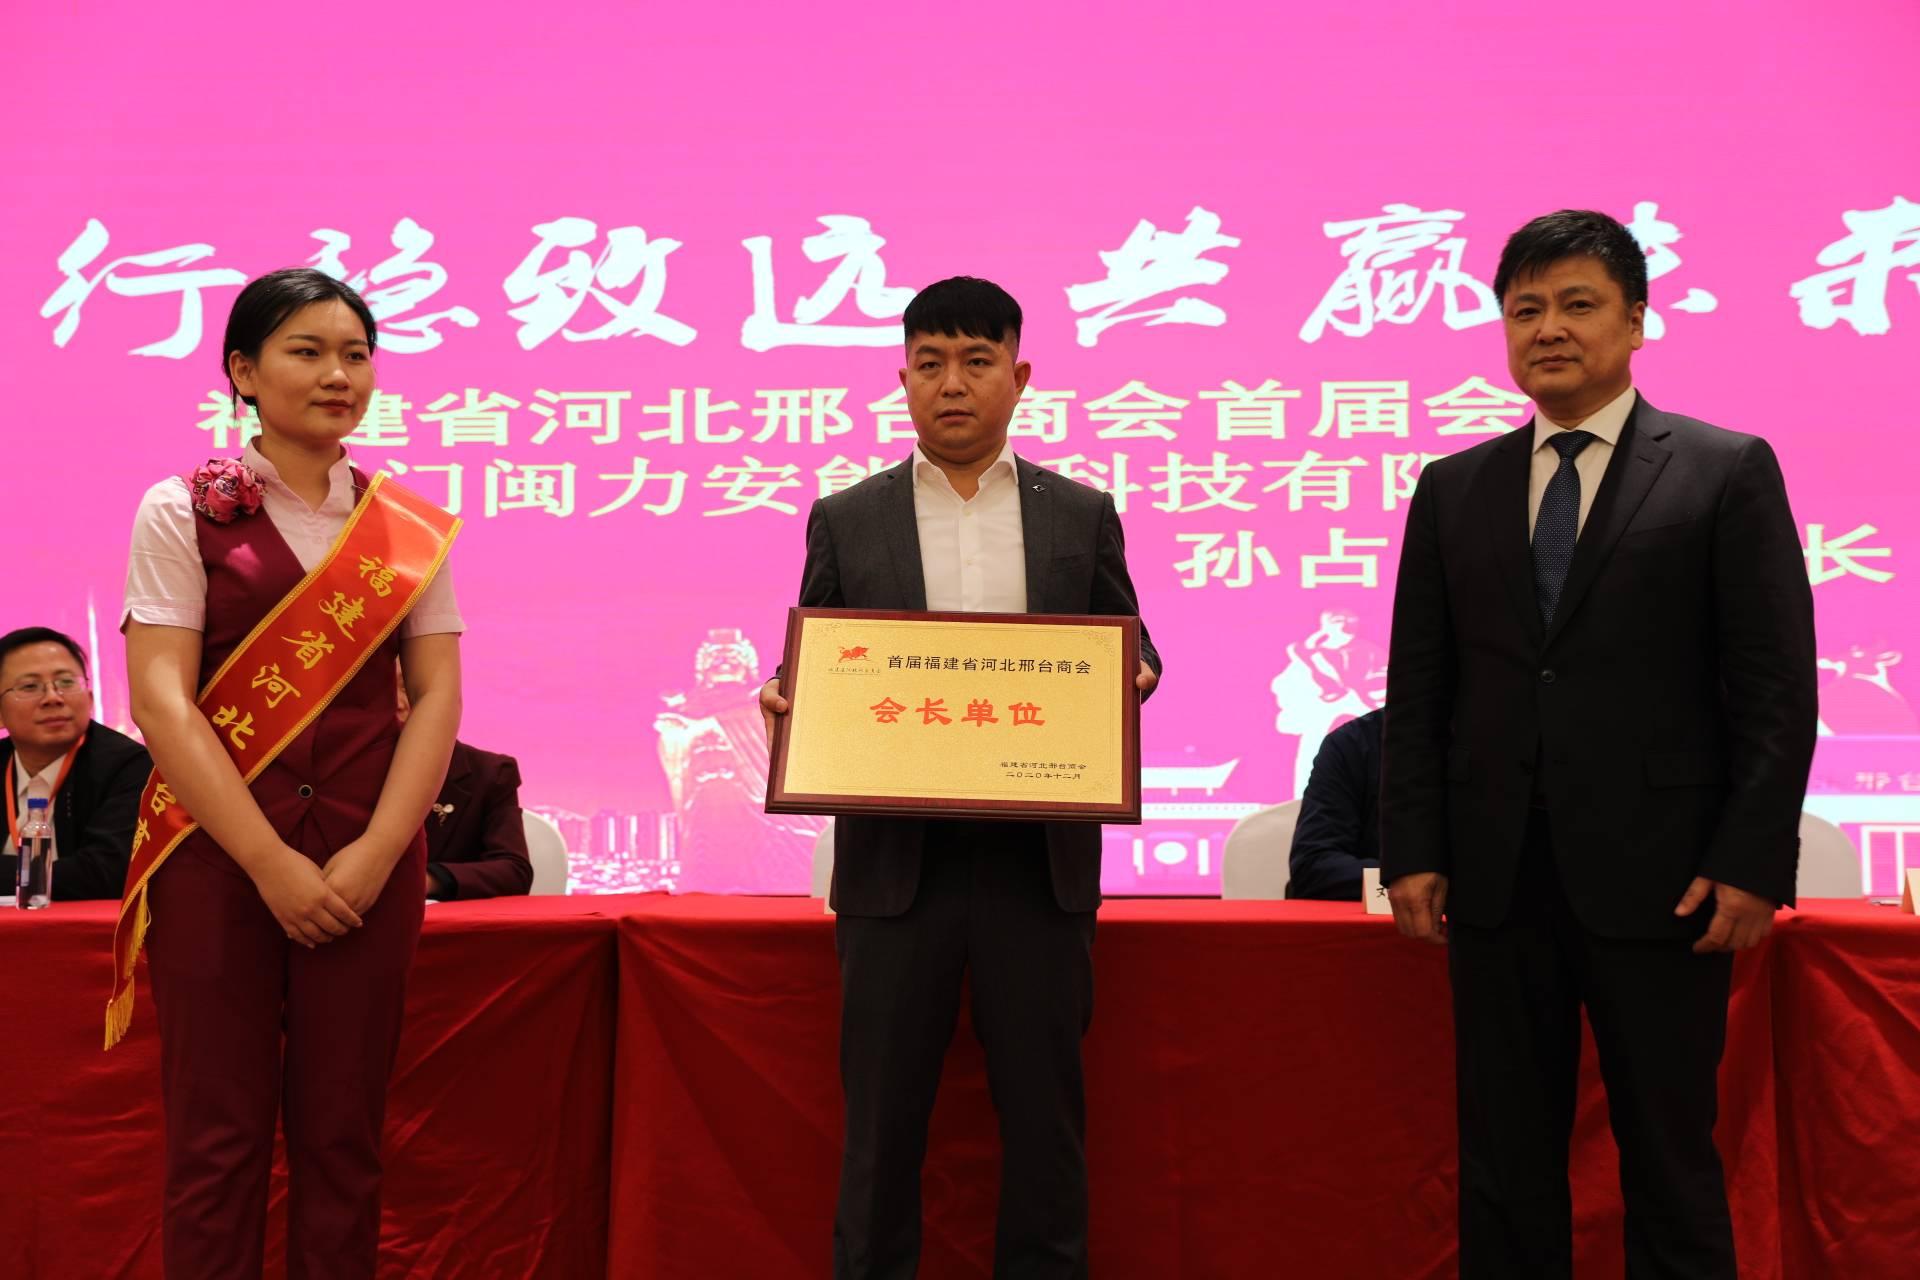 福建省河北邢台商会正式成立_孙占平当选会长